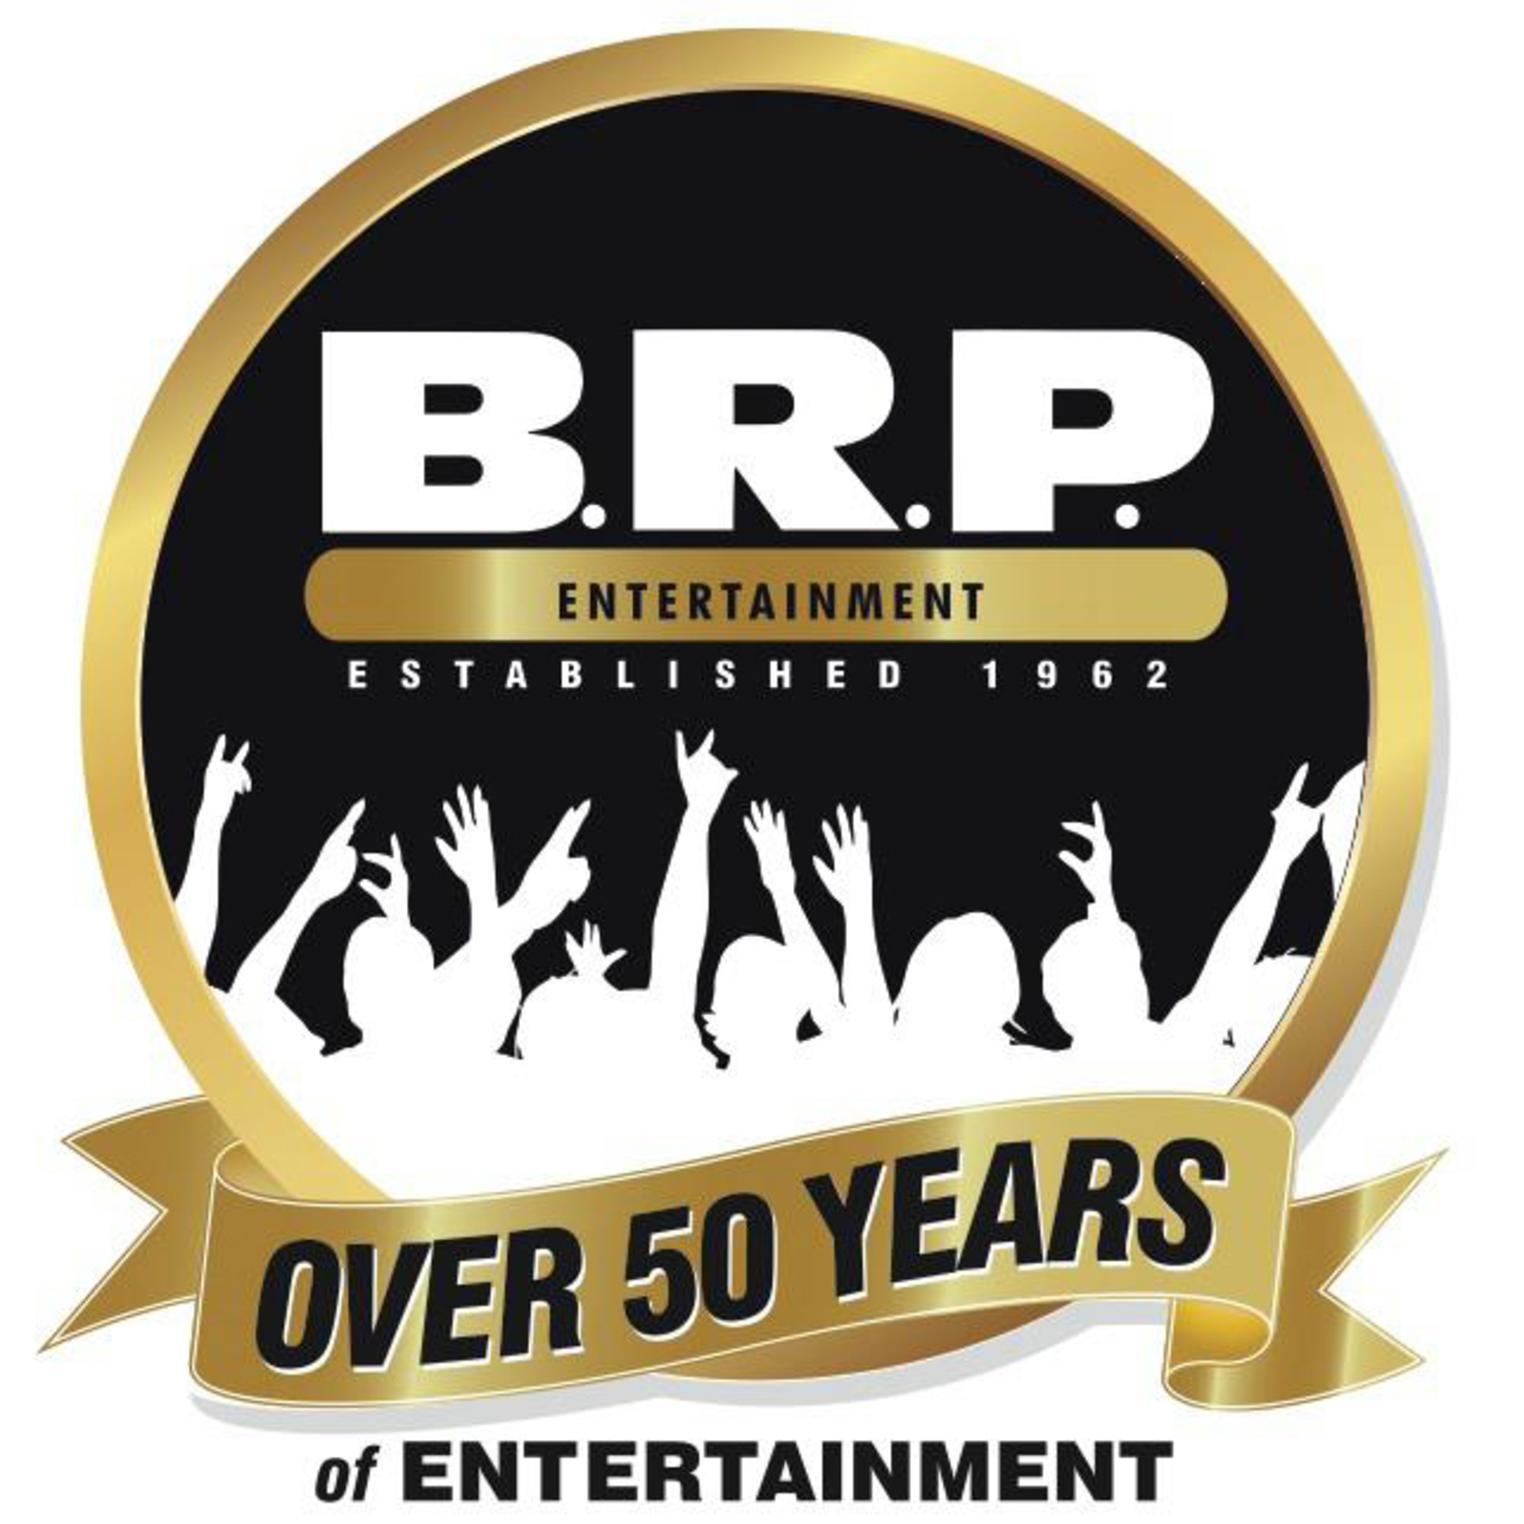 BRP Entertainment